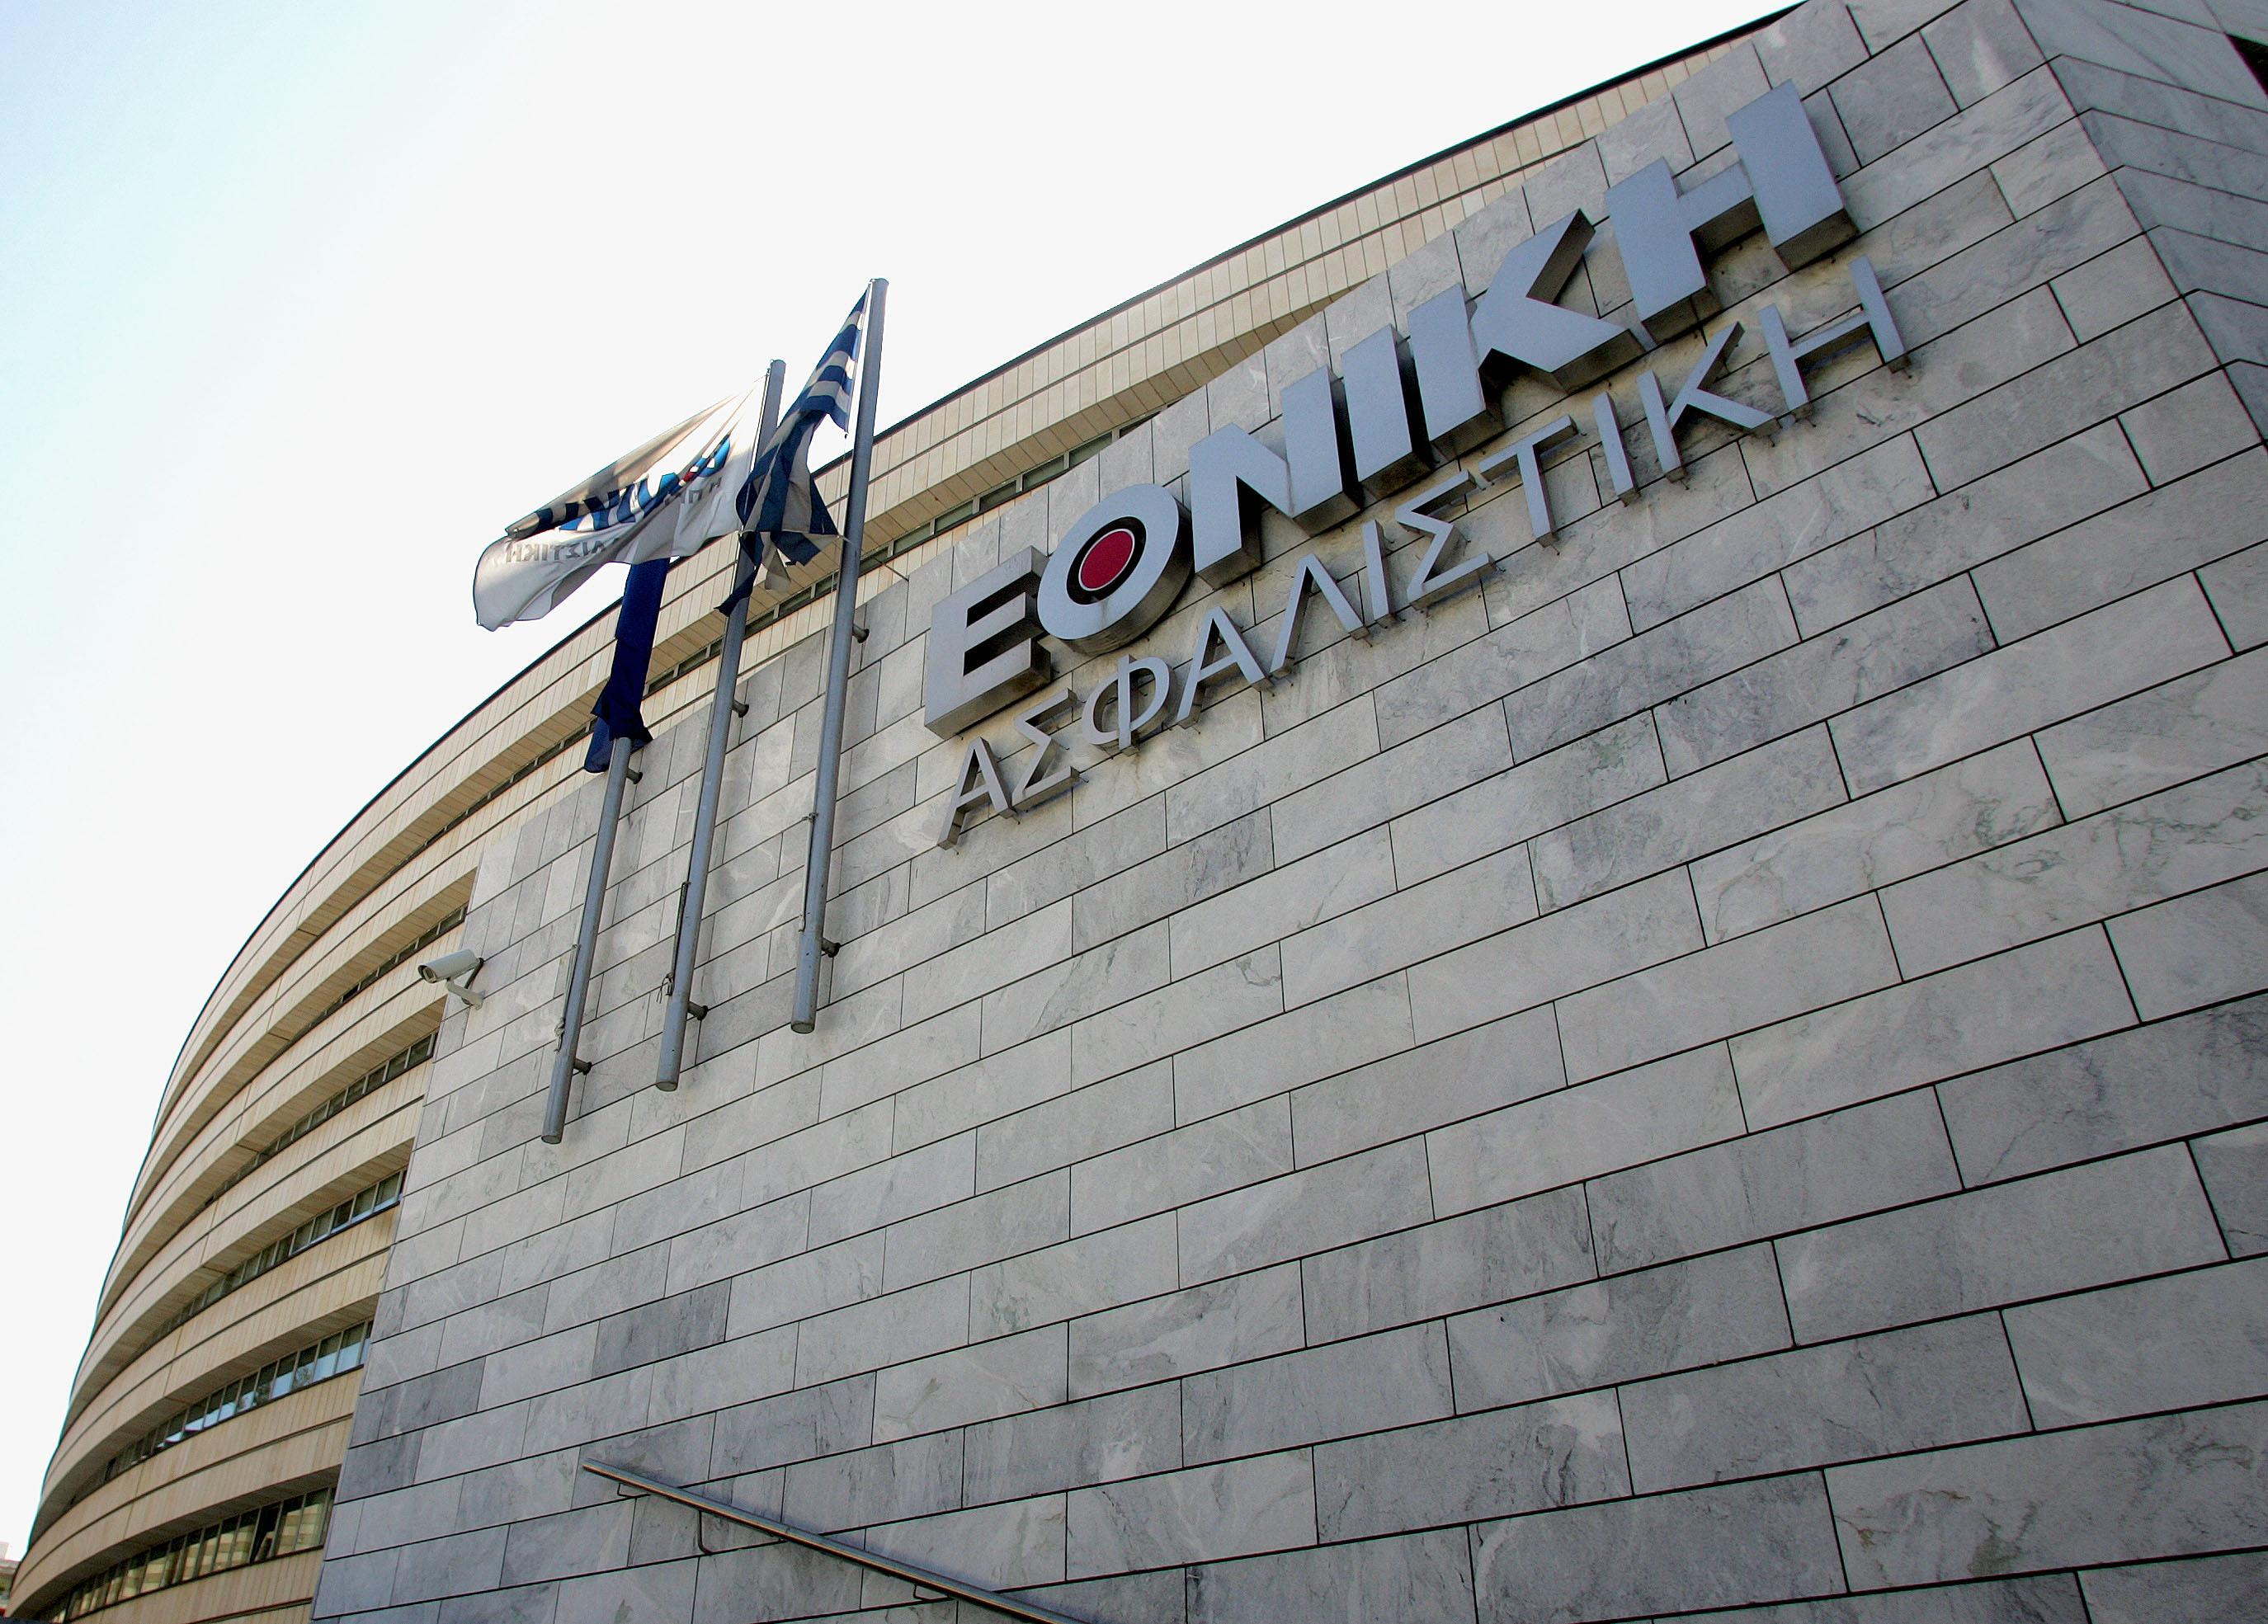 Εθνική Ασφαλιστική: Κέρδη προ φόρων €111,5 εκατ. το 2013 | tovima.gr